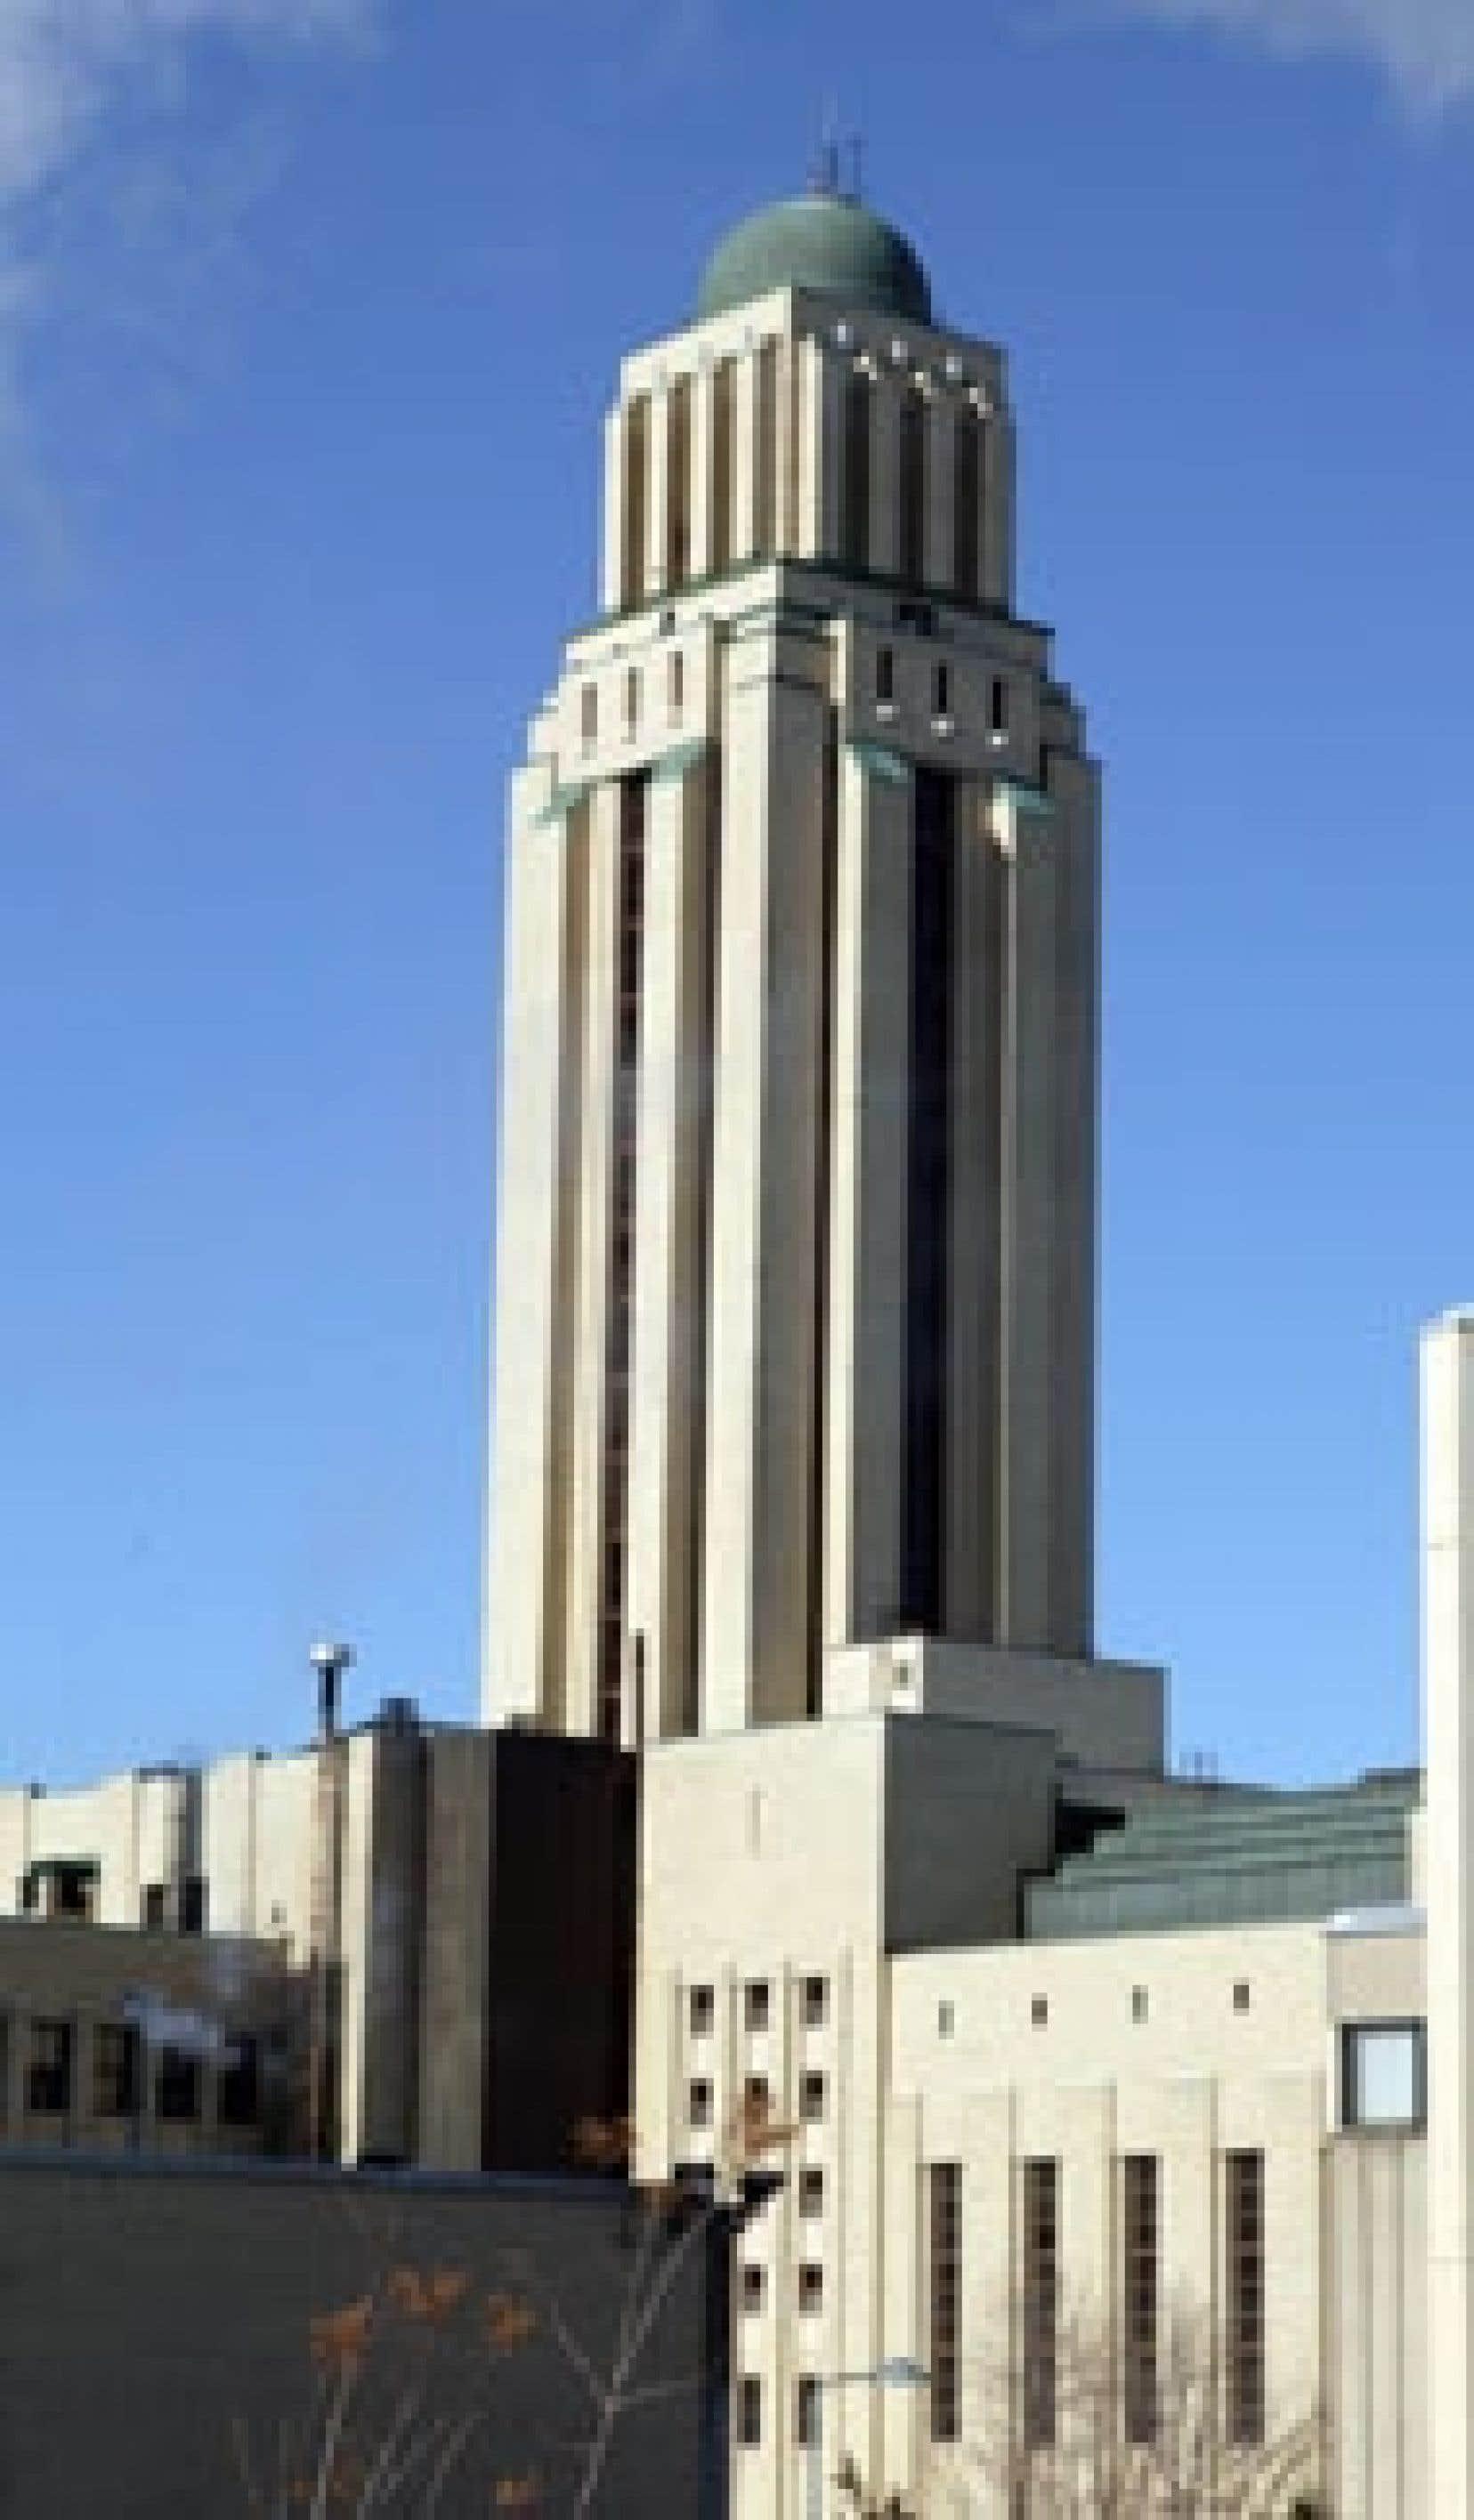 En voulant recruter de nouveaux chercheurs, l'Université de Montréal risque d'en perdre certains qu'elle a déjà à son emploi.